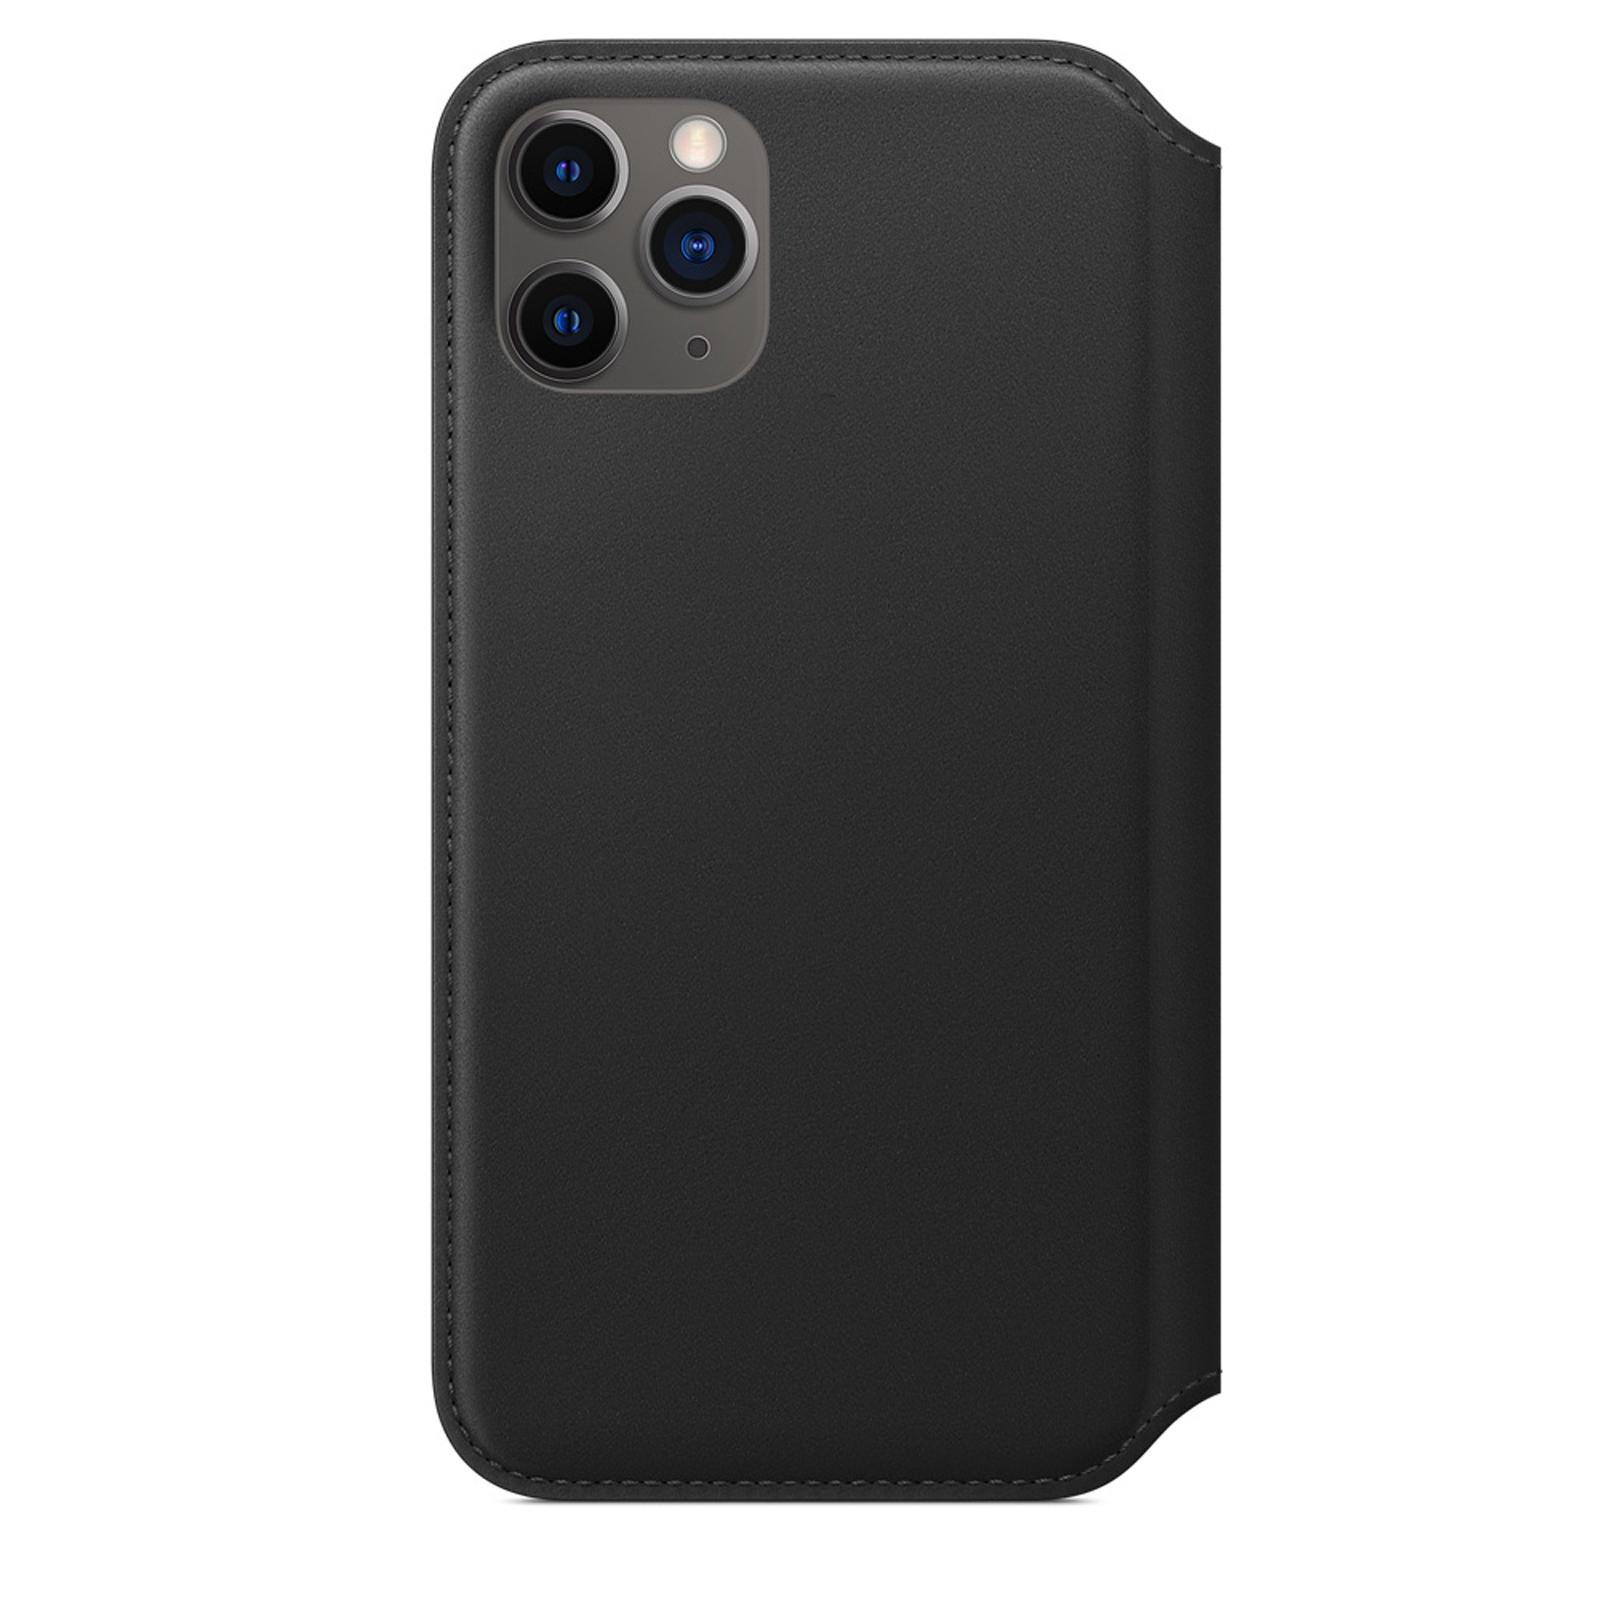 Nouveau-cuir-flip-portefeuille-Folio-Telephone-Etui-Housse-Pour-Apple-iPhone-11-Pro-Max-Xs-XR miniature 15